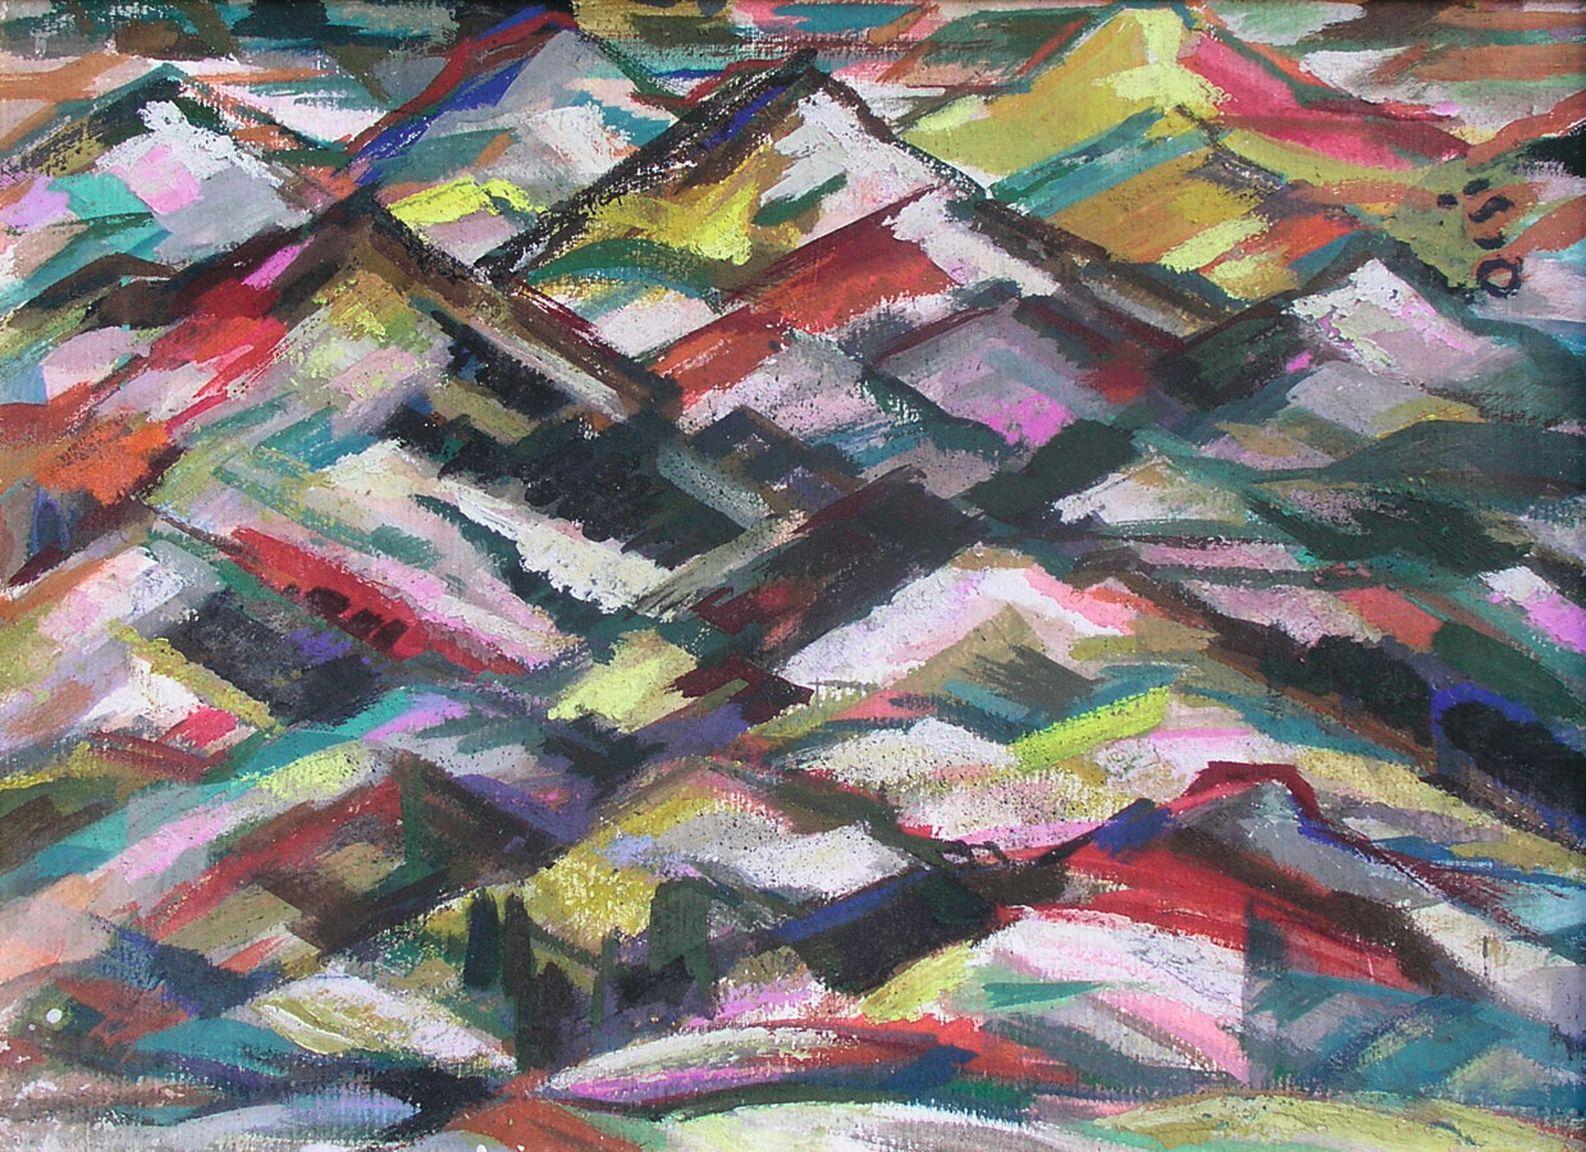 Ф. Семан. Горы. 1960-е гг. К., м. 49,5×67см. «Золотое сечение», декабрь 2010 (эст. $6000–8000)